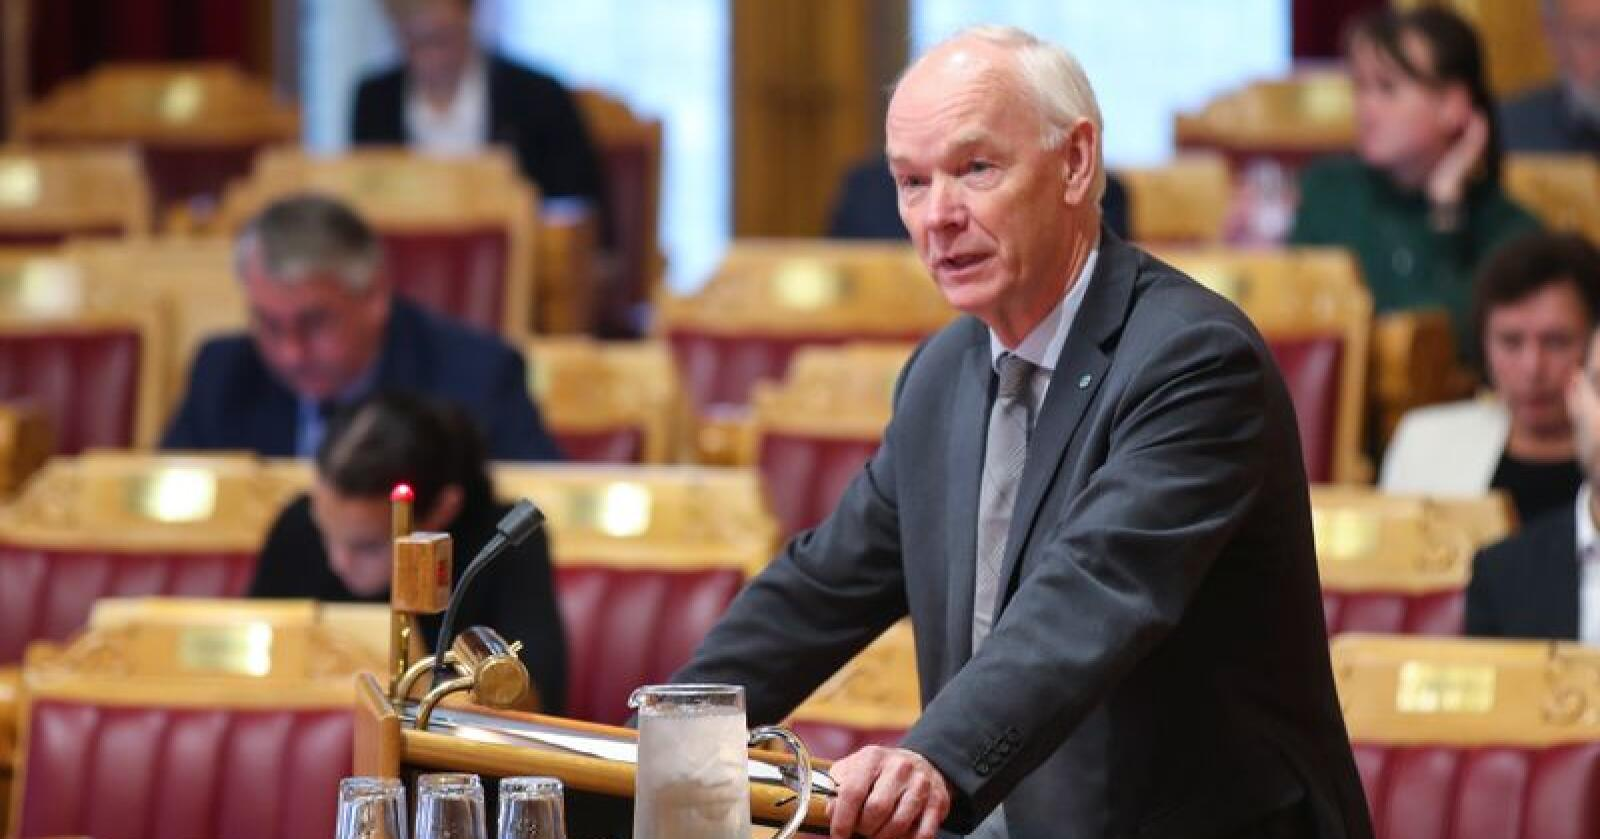 Senterpartiets Per Olaf Lundteigen mener at villsvin må utryddes og ikke forvaltes. Foto: Vidar Ruud / NTB scanpix